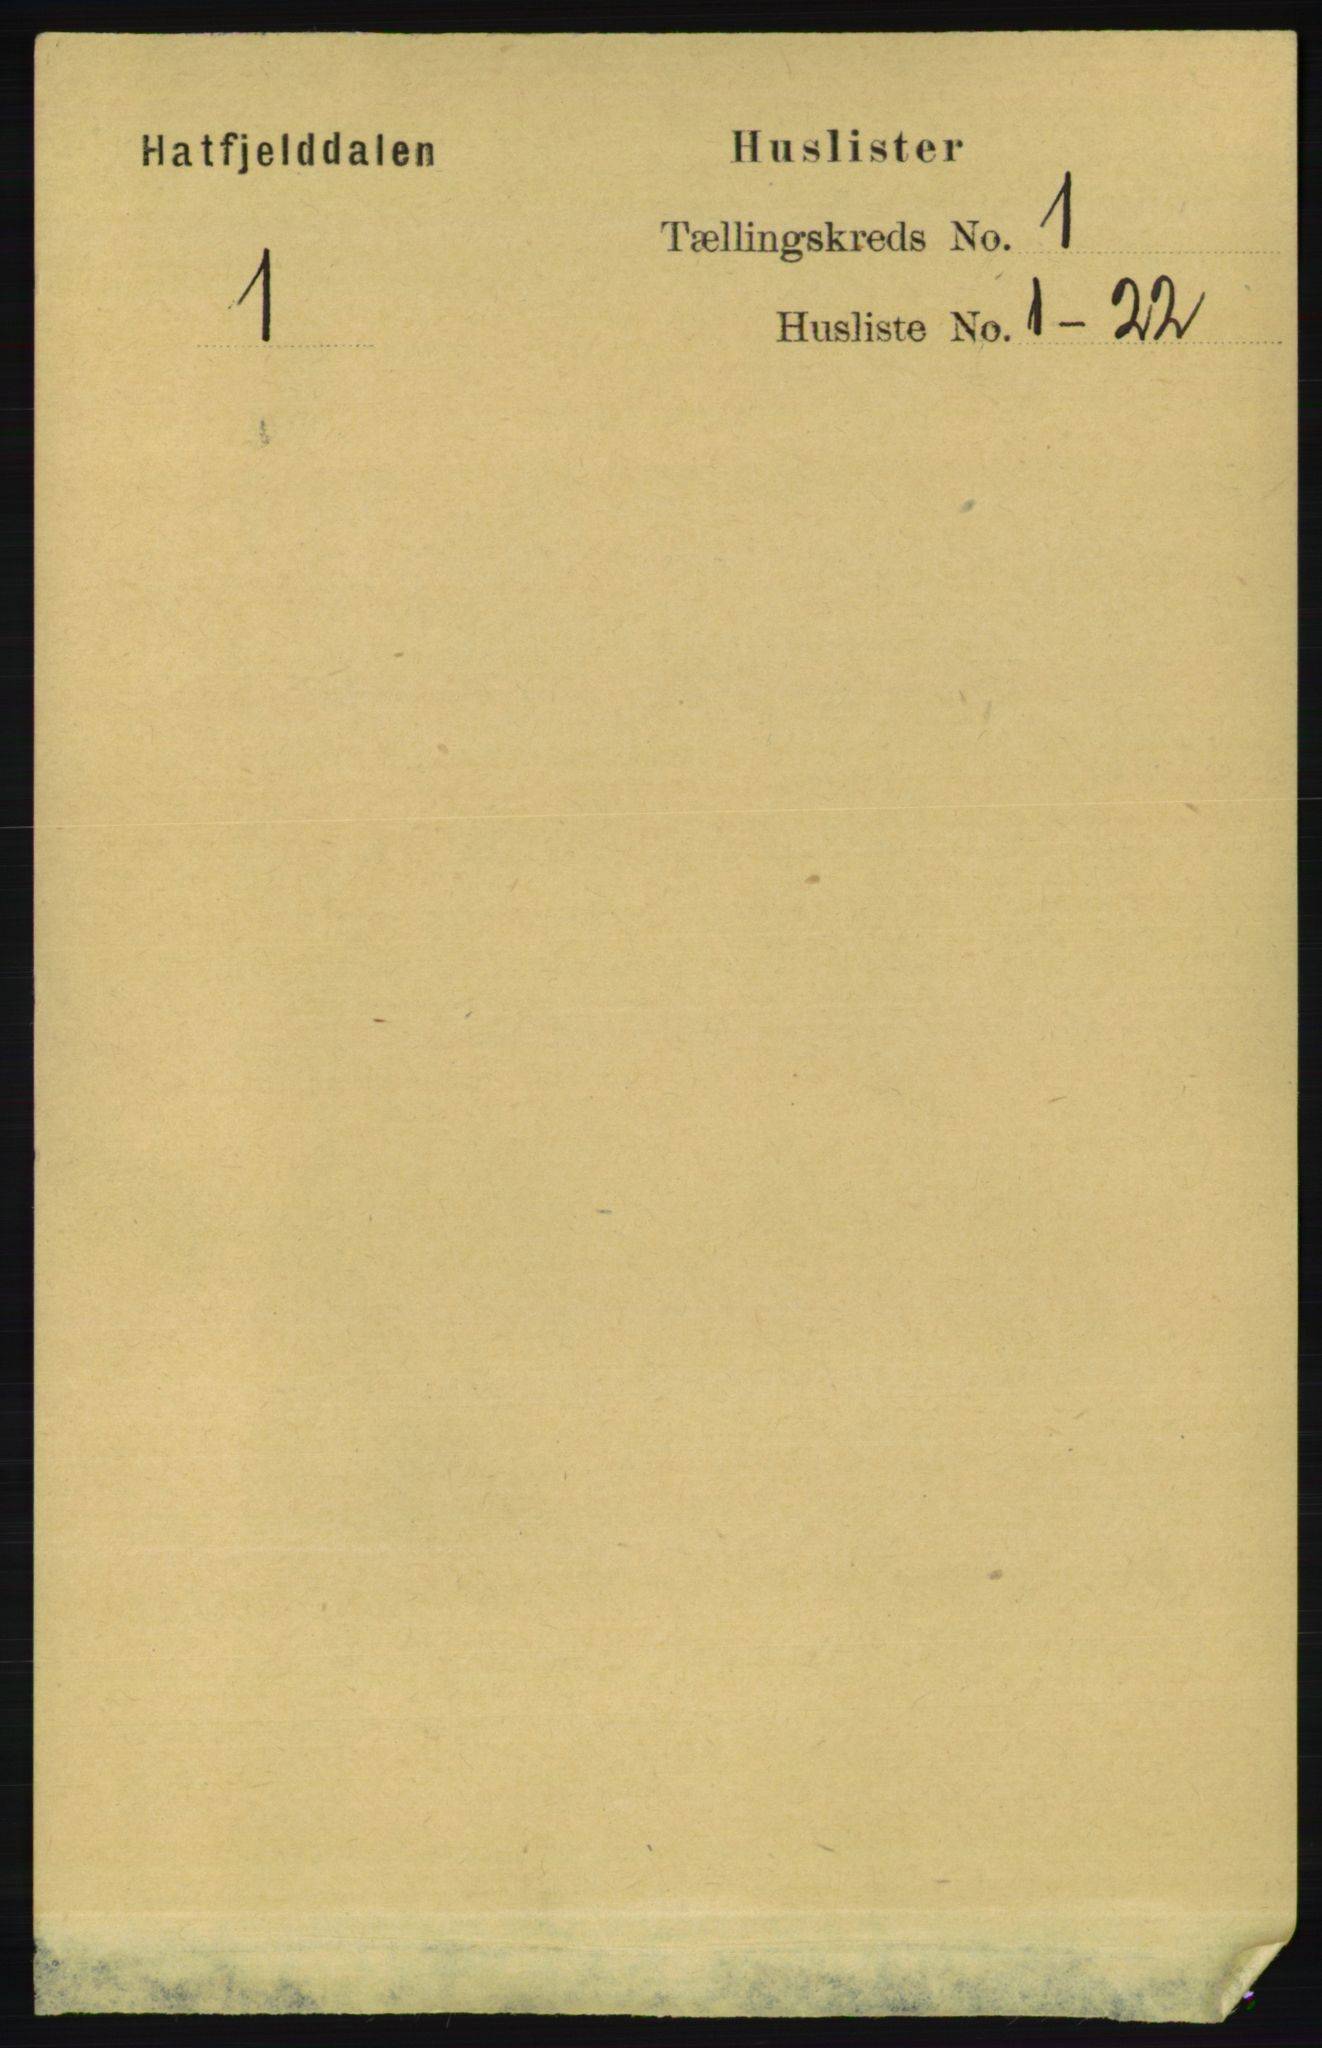 RA, Folketelling 1891 for 1826 Hattfjelldal herred, 1891, s. 15